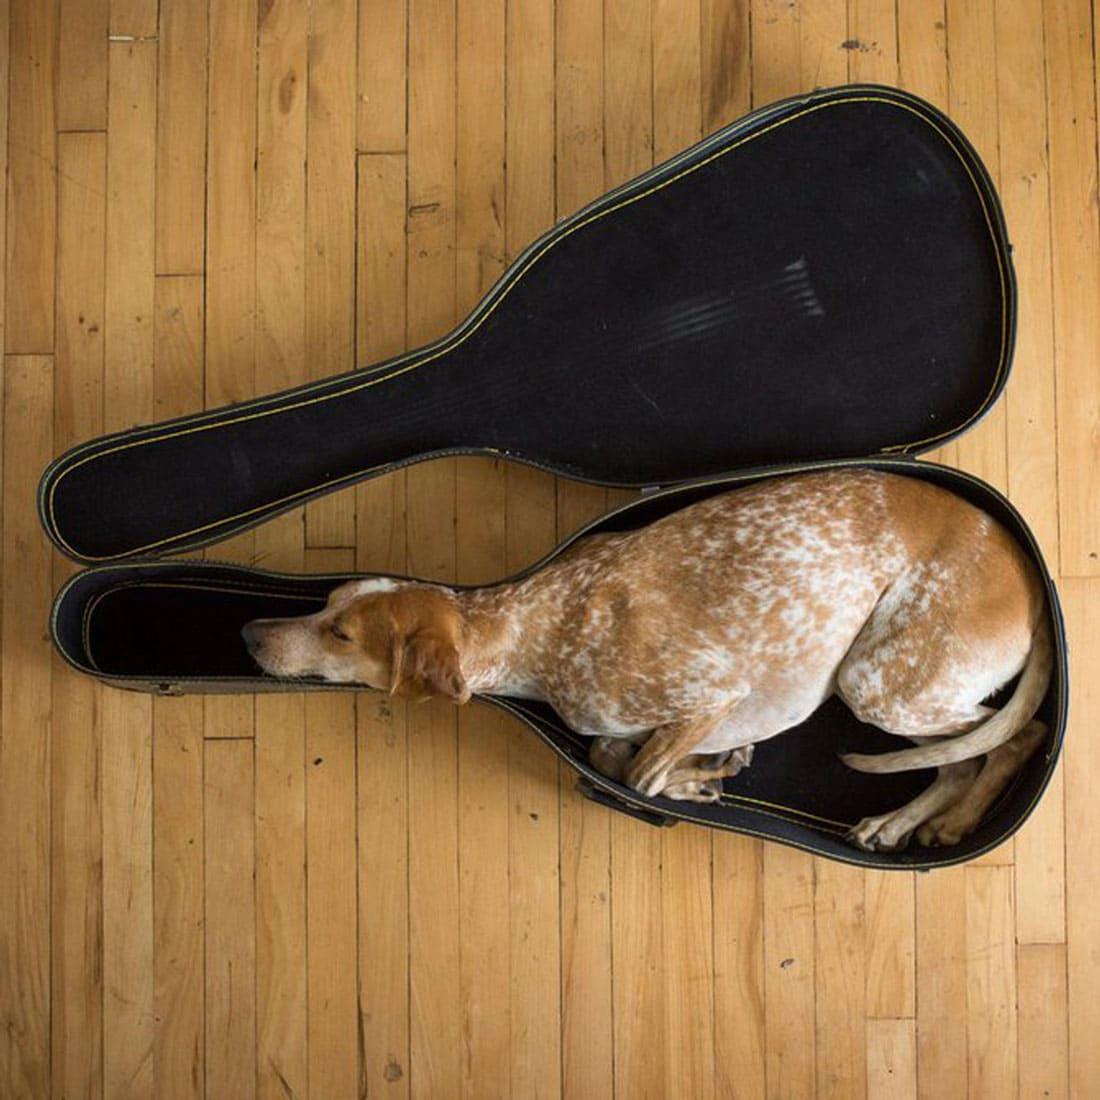 A Whippet sleeping inside a guitar case